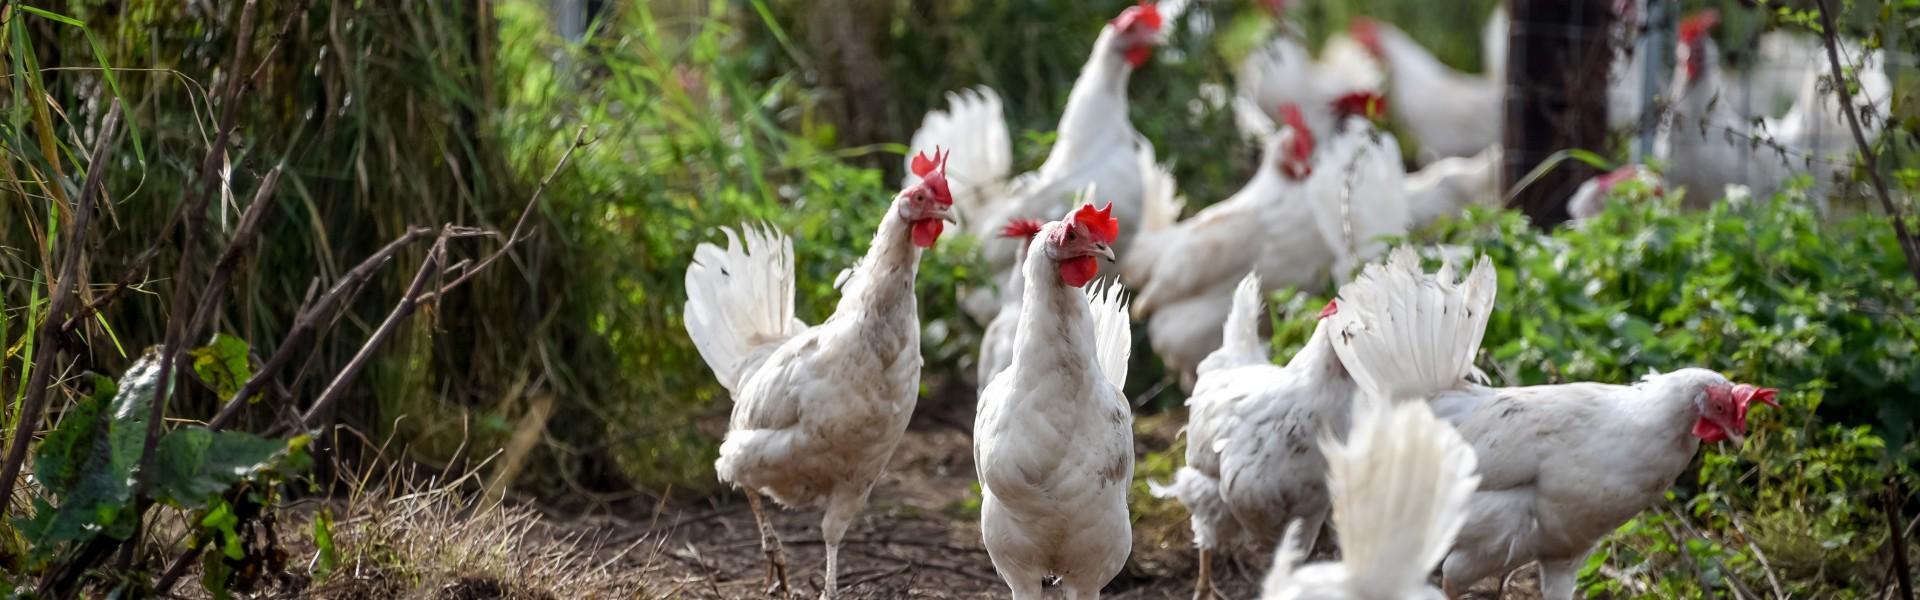 De kippen lopen elke dag heerlijk buiten te scharrelen